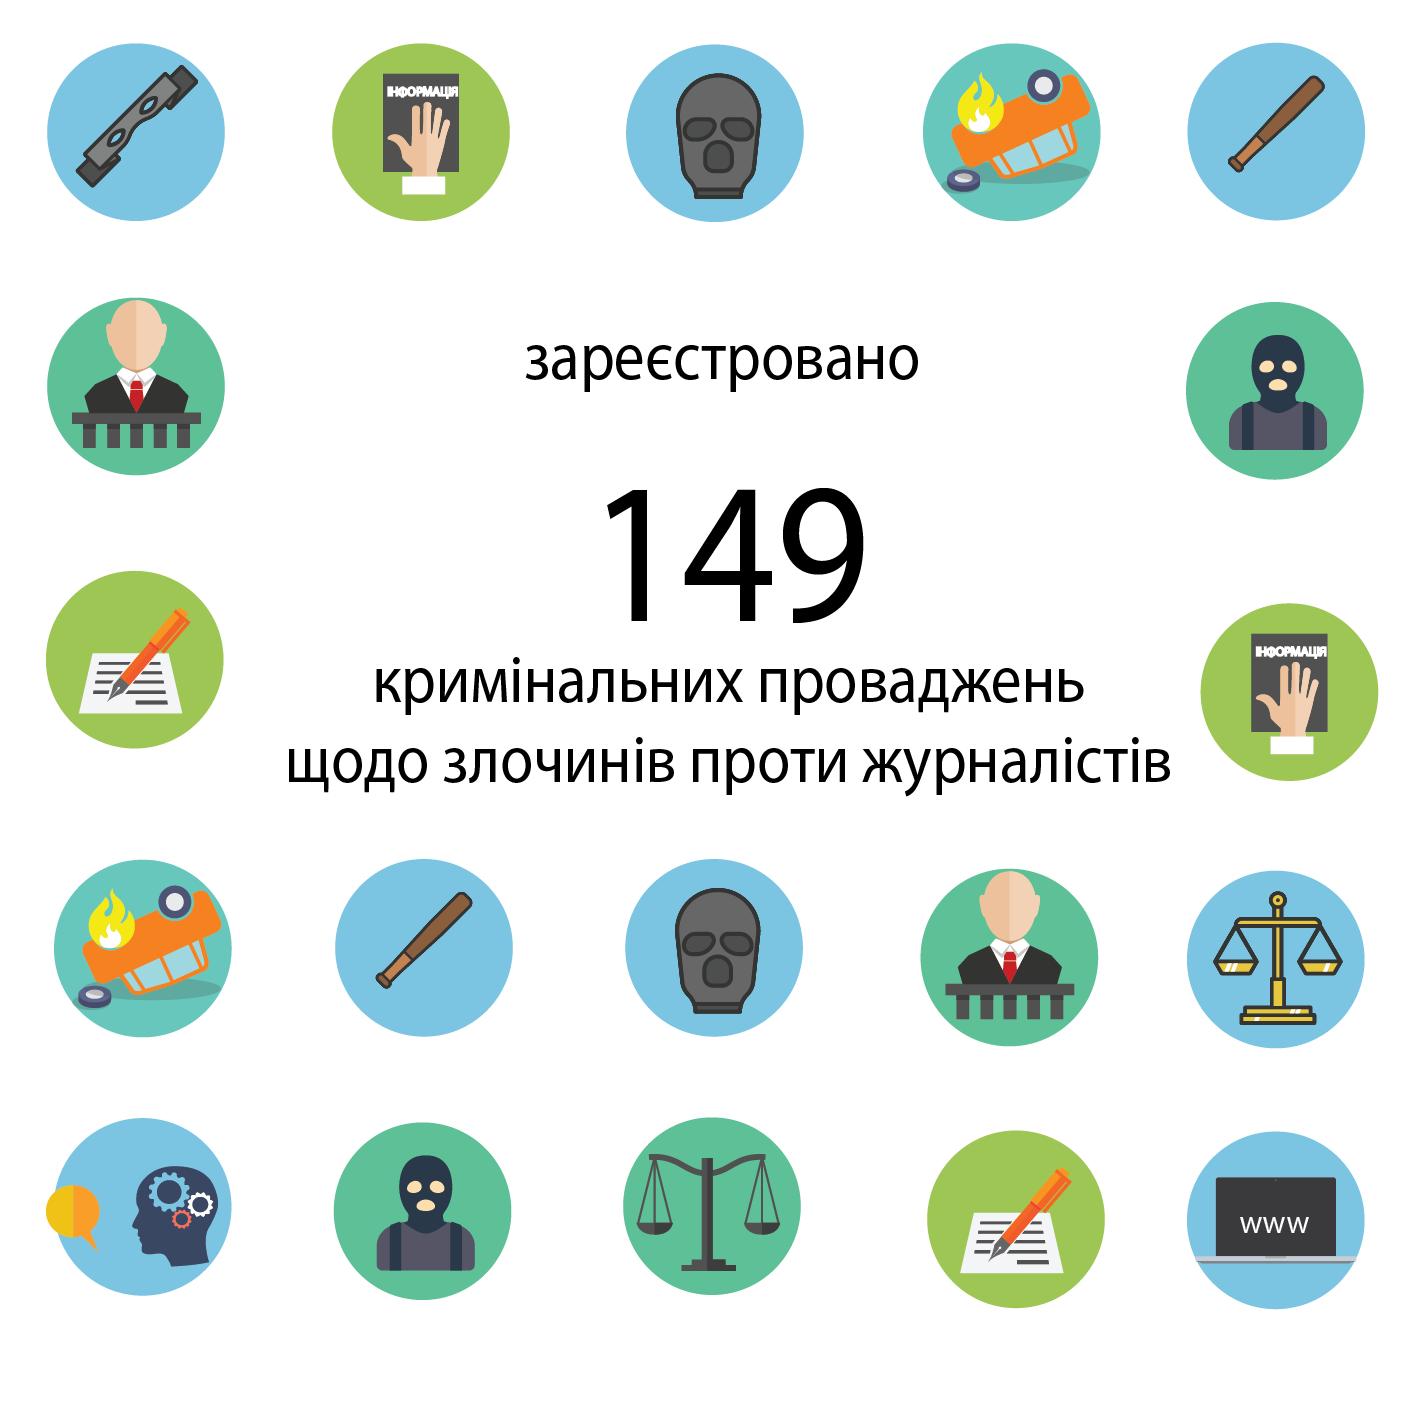 З початку року за злочини проти журналістів відкрито 149 справ, з яких 14 передано до суду – дані ГПУ